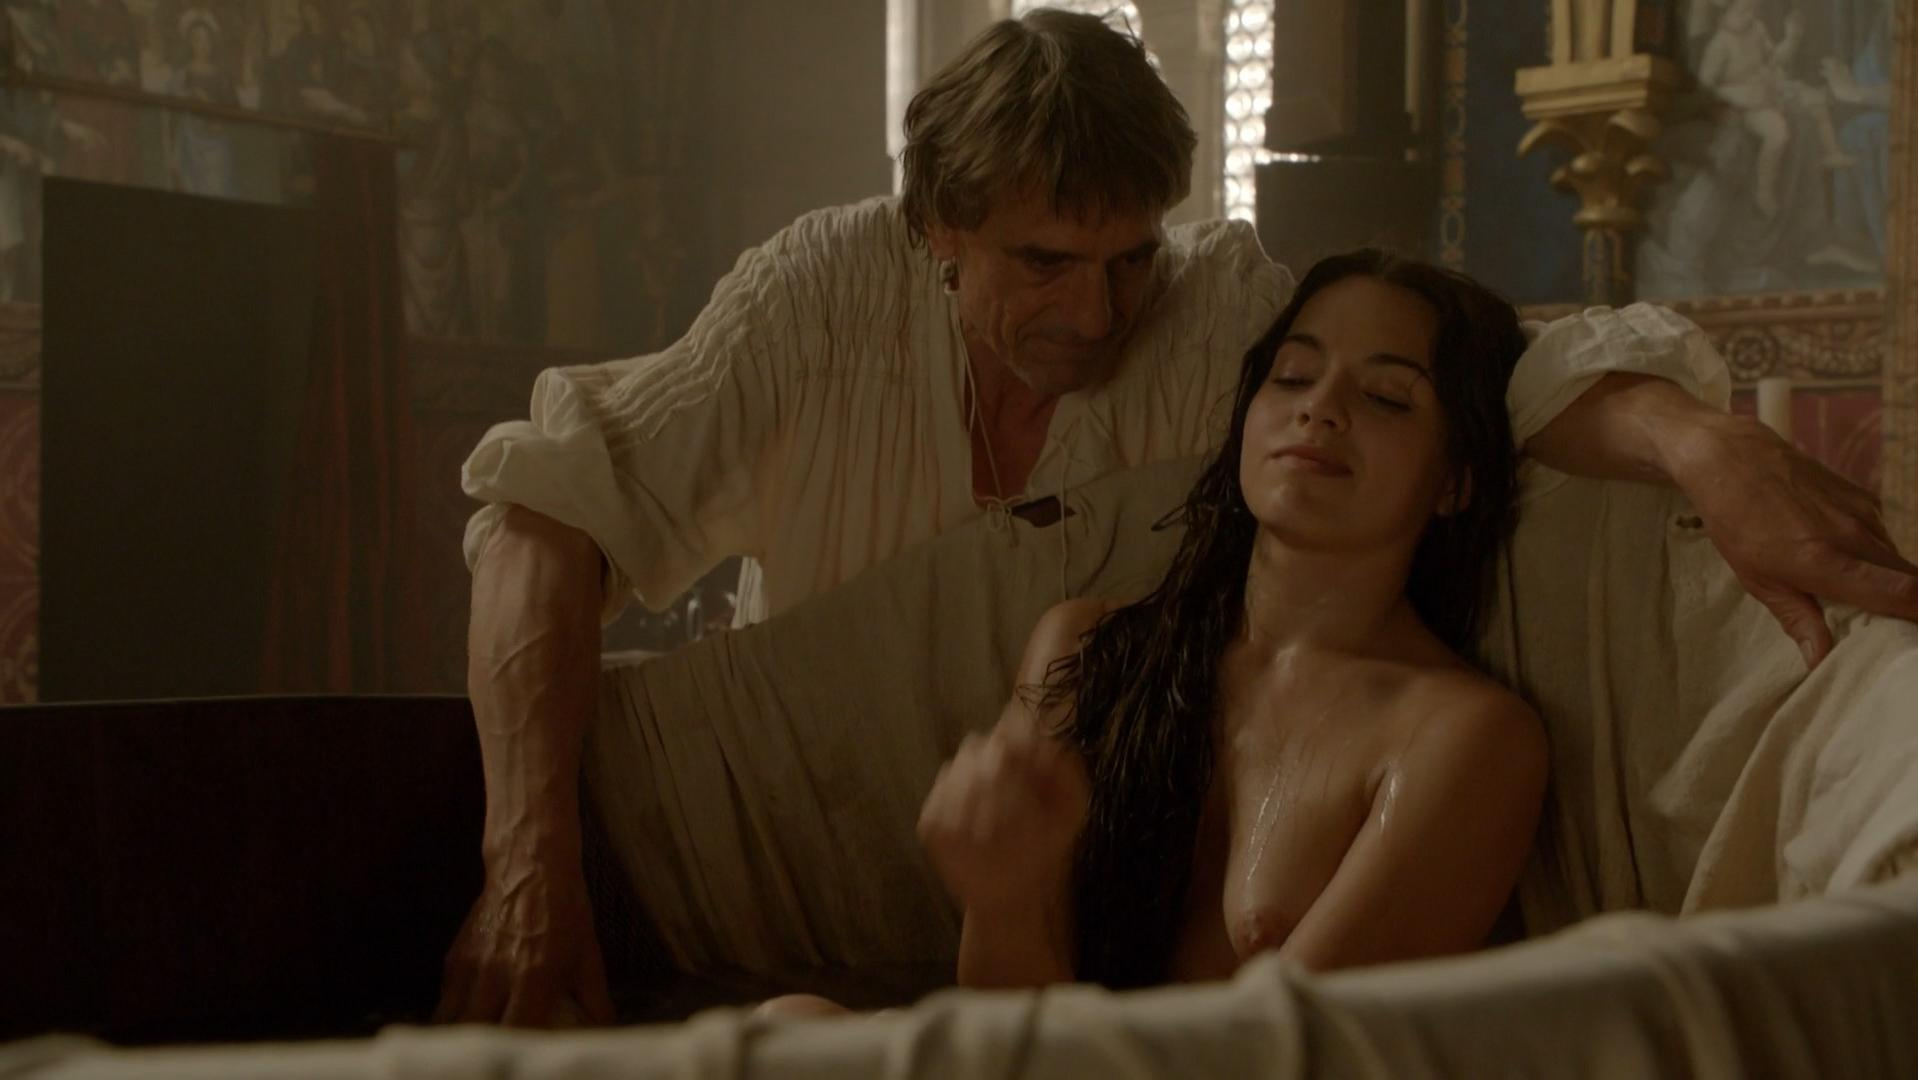 Ana ularu melia kreiling the borgias s03e05 sex scenes - 2 part 3